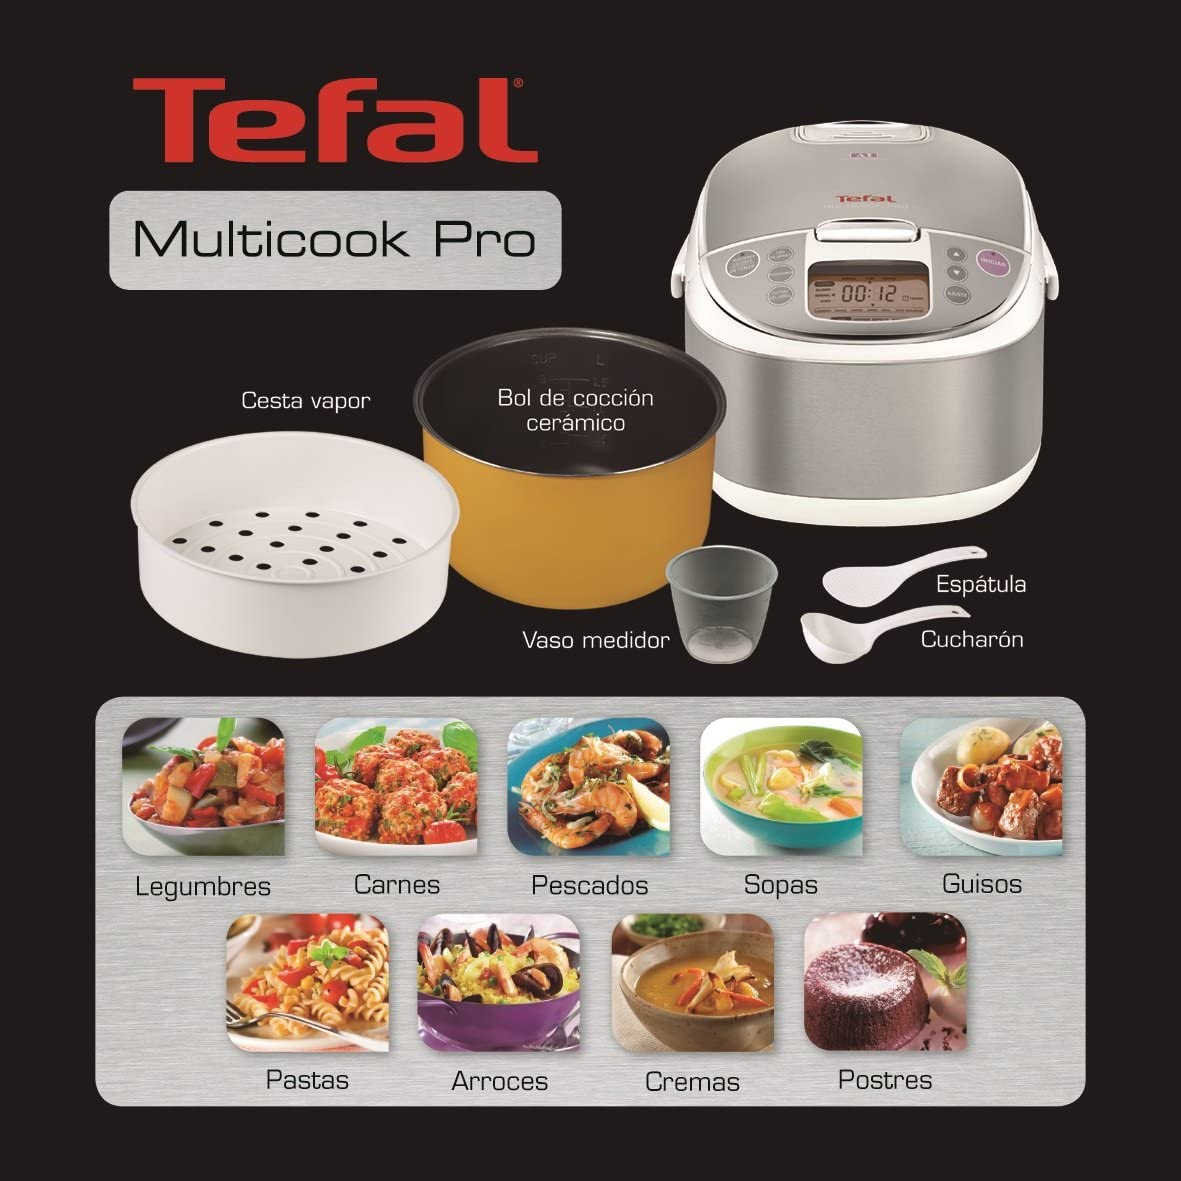 Tefal RK704E20 - Procesador de alimentos, 750 W, 12 funciones, capacidad de 4 litros, color gris: Amazon.es: Hogar